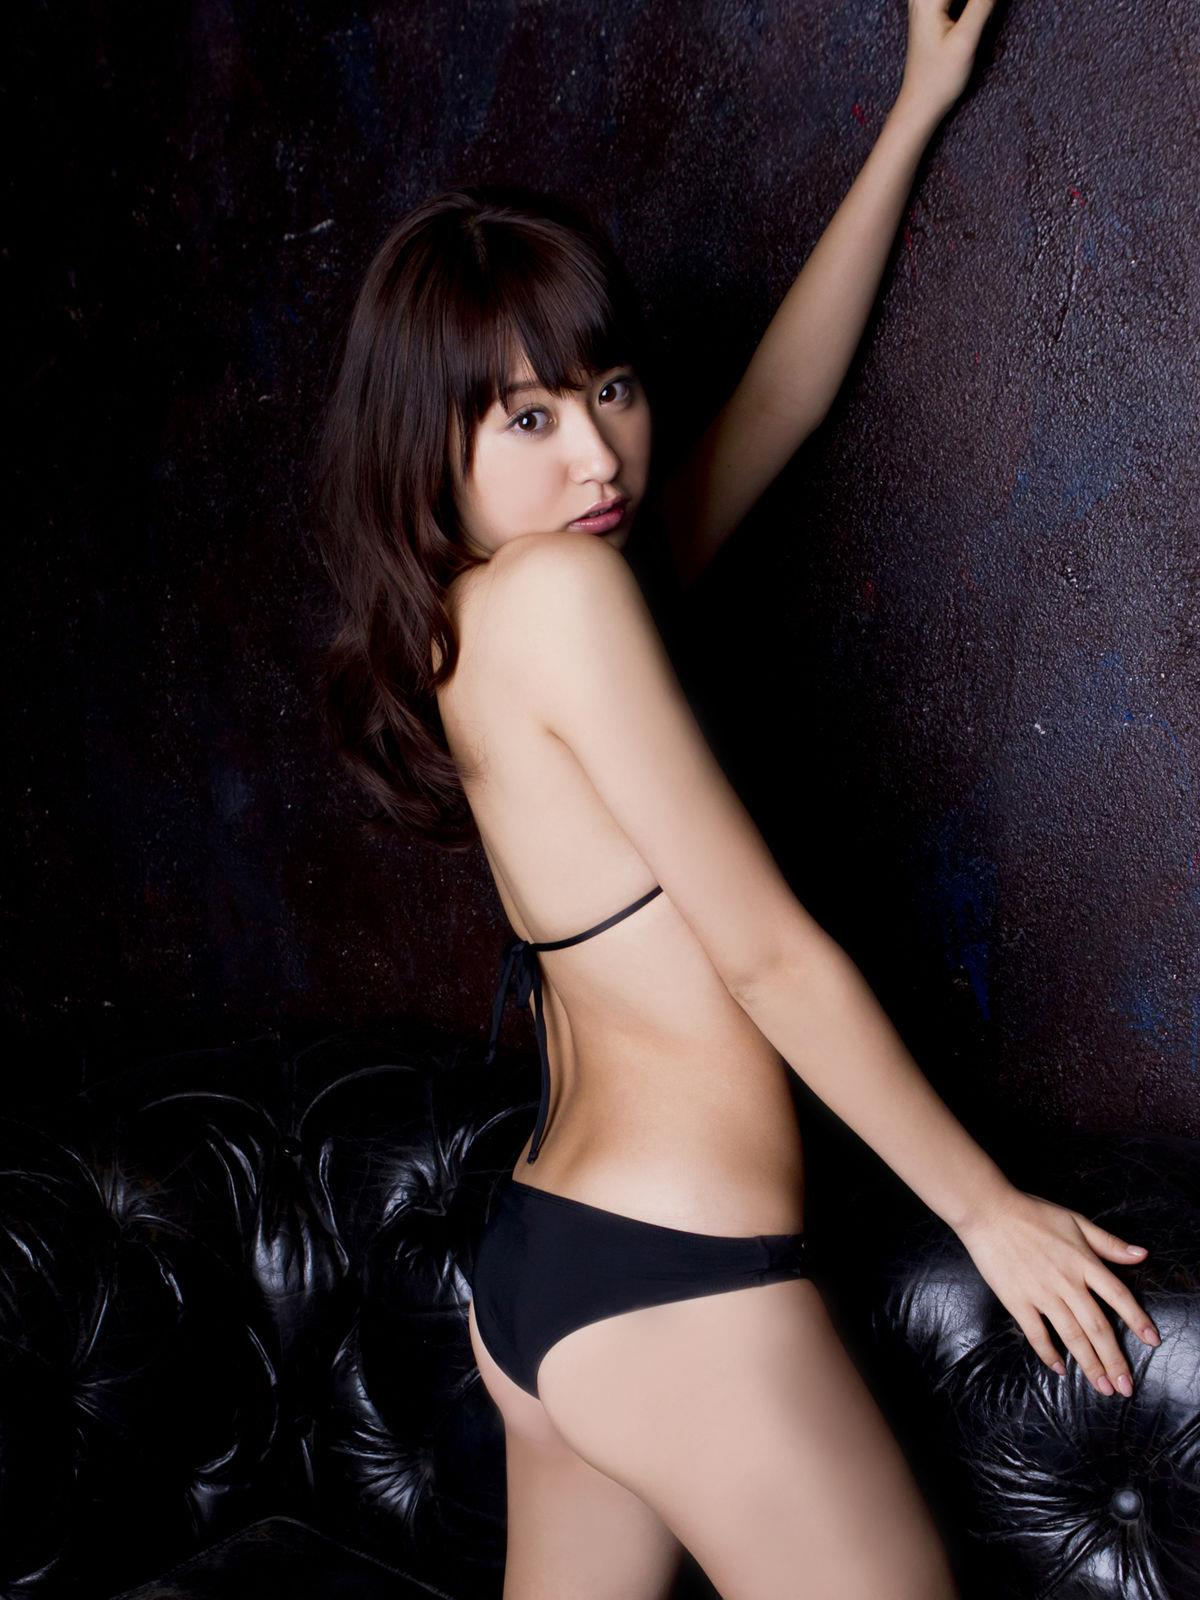 衛藤美彩 過激水着のグラビア画像 17